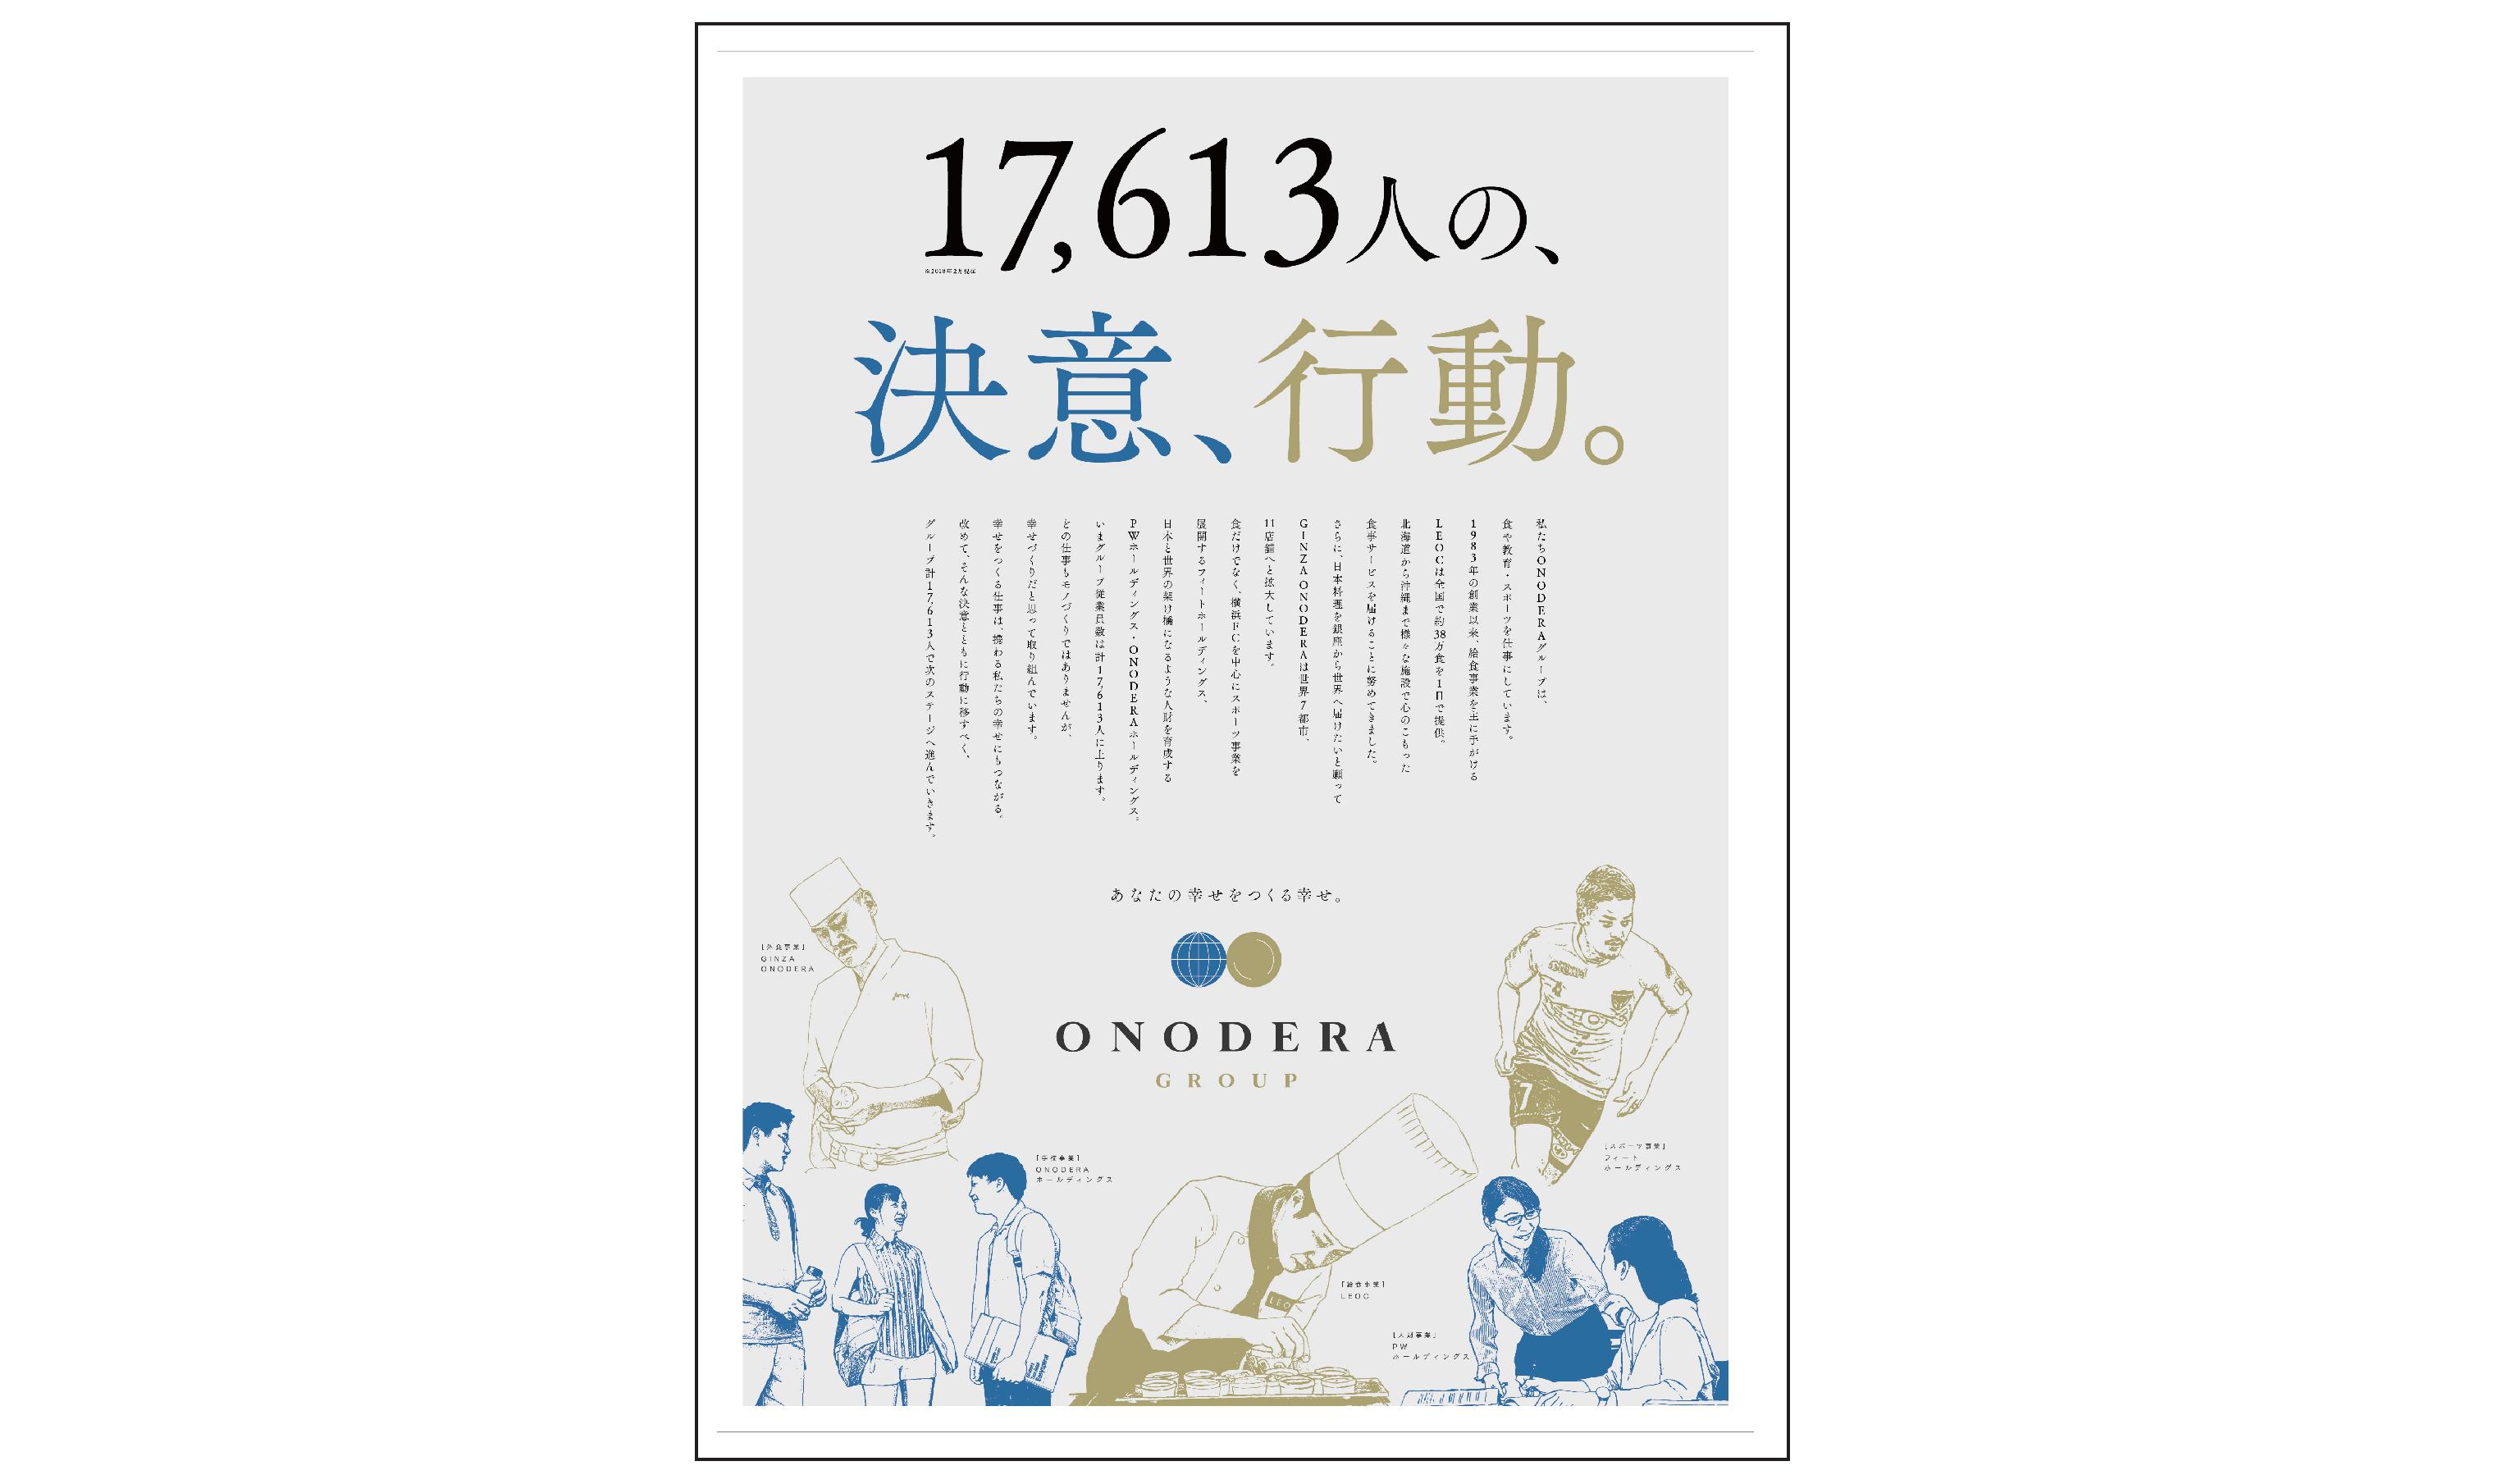 日経新聞朝刊(全国版)に企業広告掲載のお知らせ